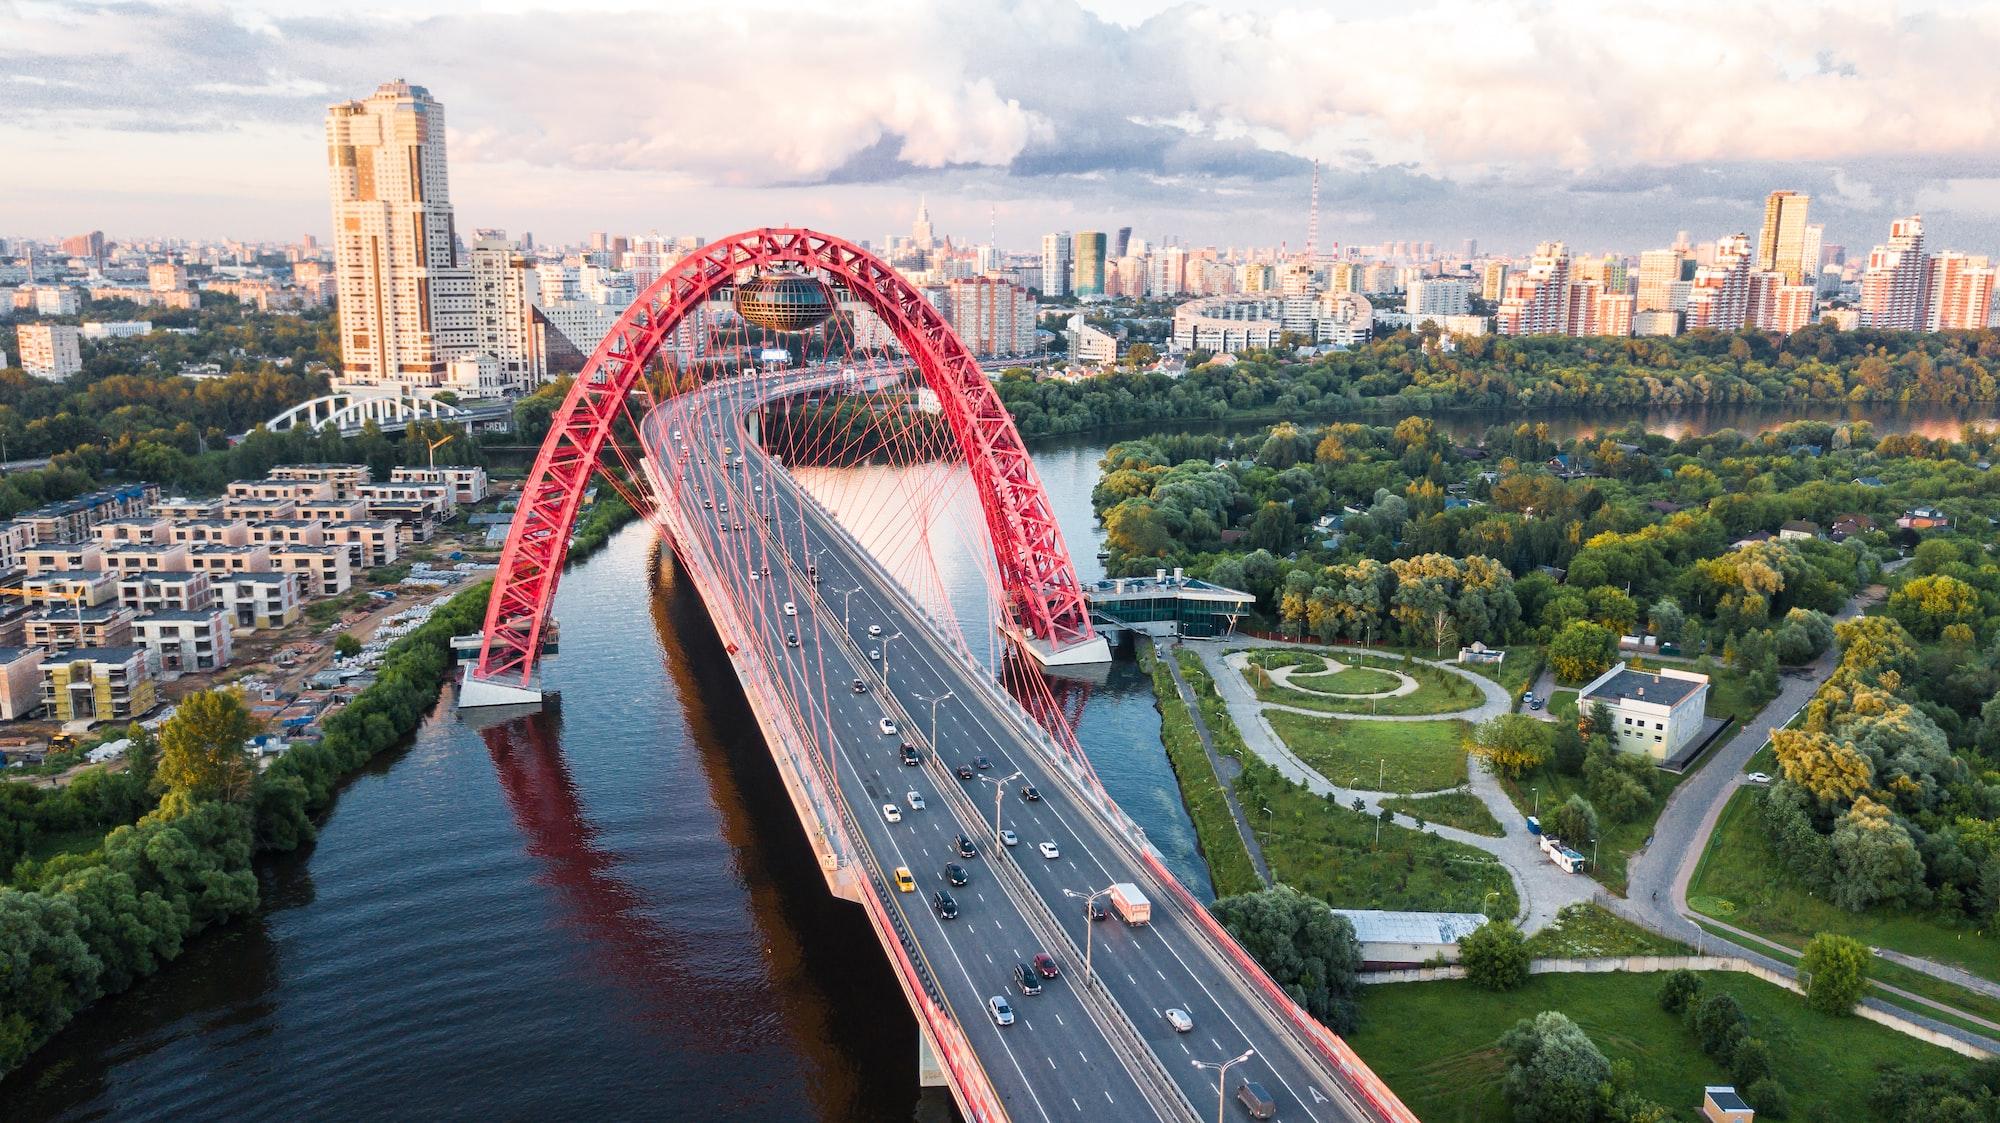 Zhivopisny Bridge (Picturesque bridge)